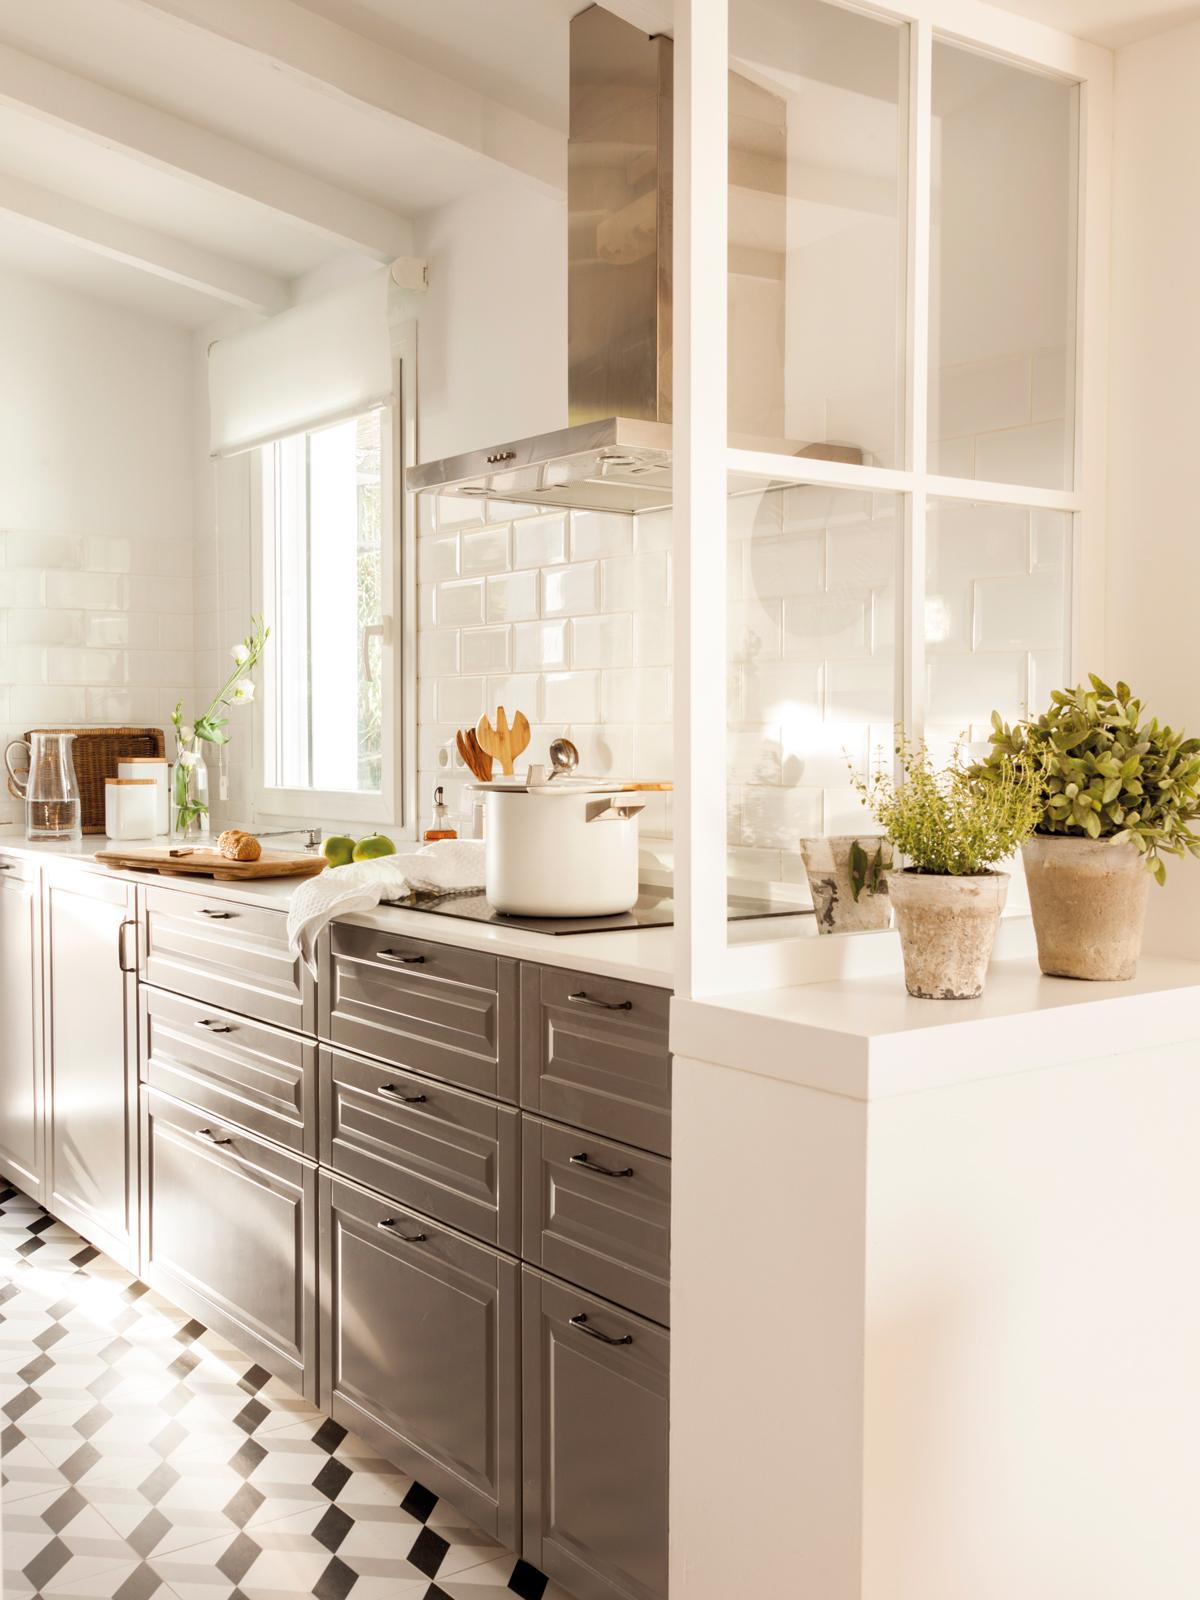 00443004. Cocina en gris con mosaico hidráulico y ventana separadora 00443004